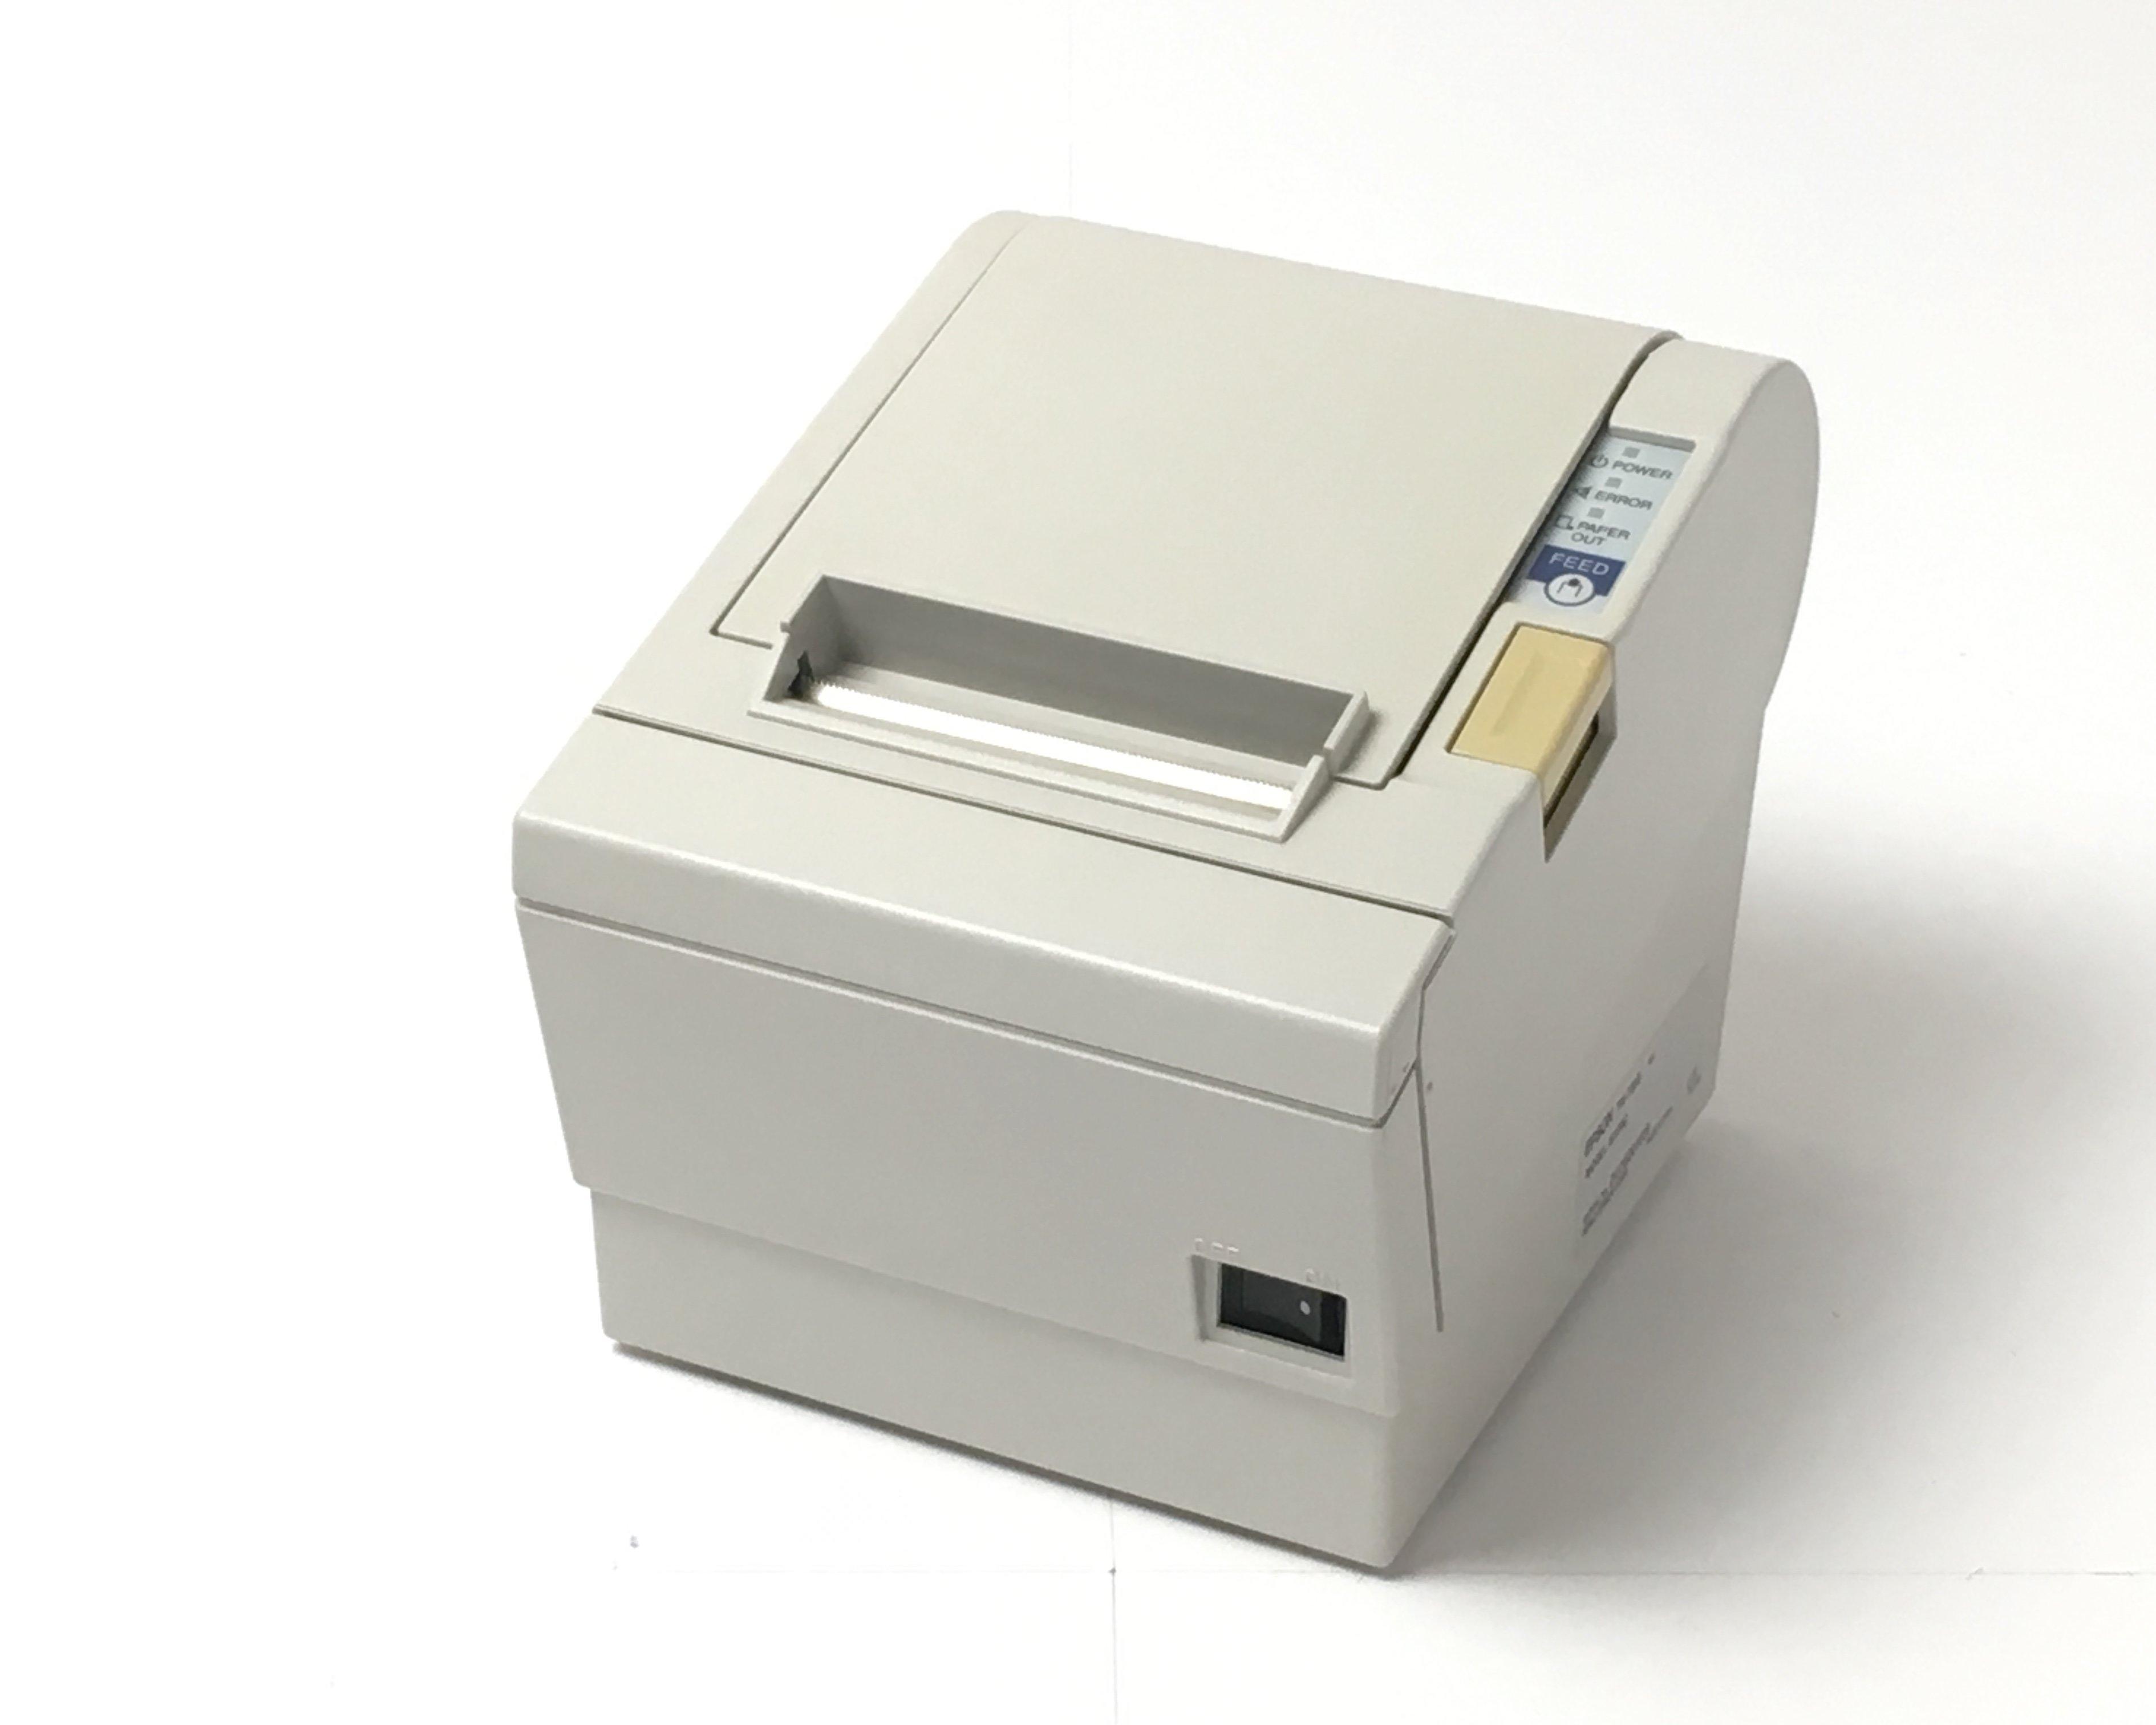 【中古】EPSONレシートプリンタ TM-T883(USB/80mm)ホワイト メイン画像